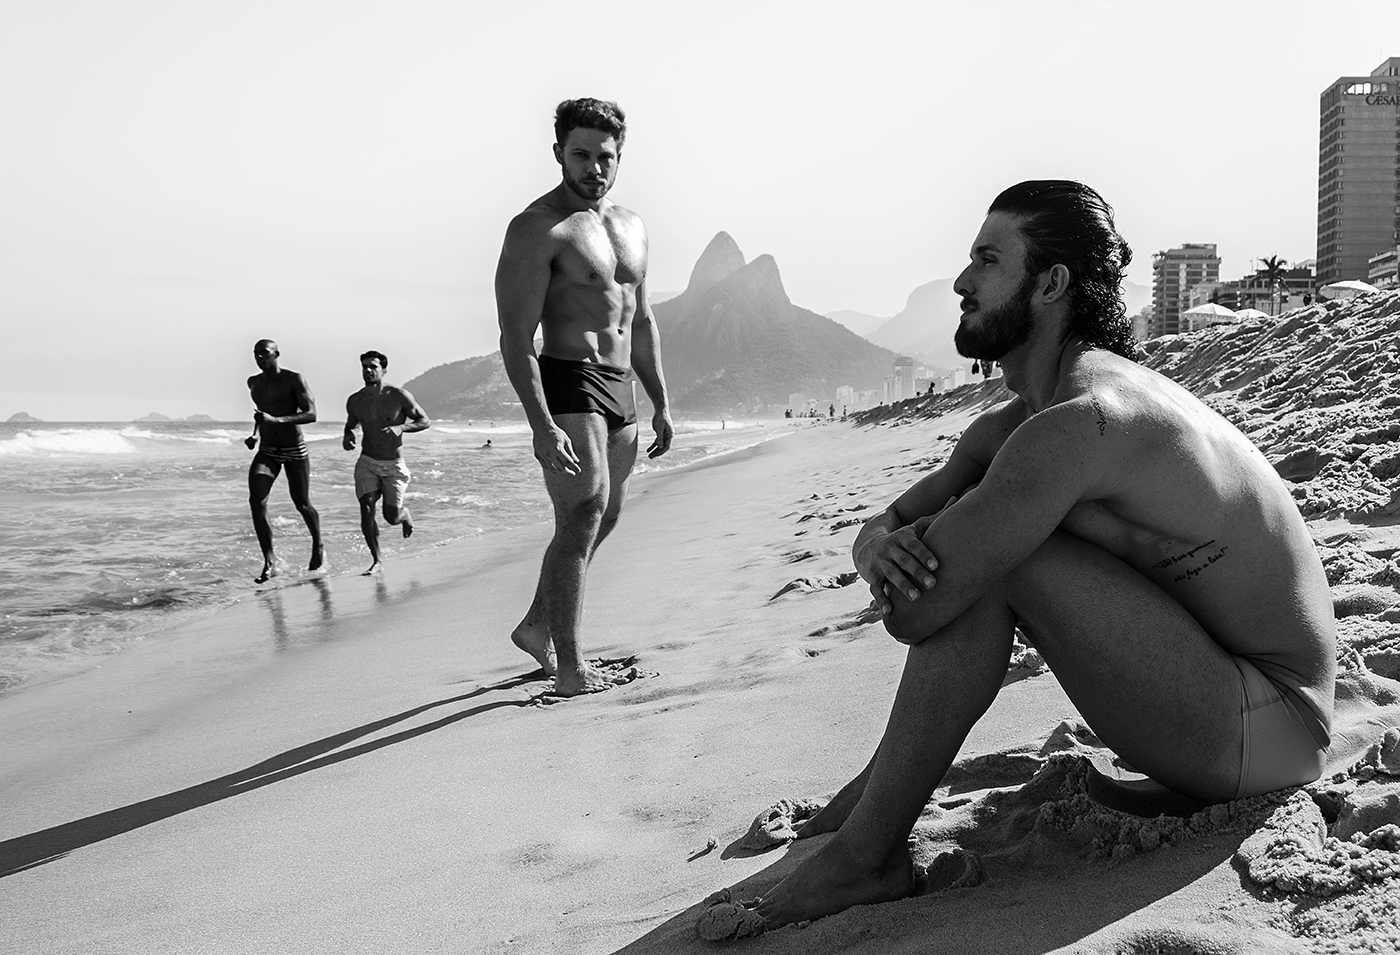 Golden Rio by Beto Urbano